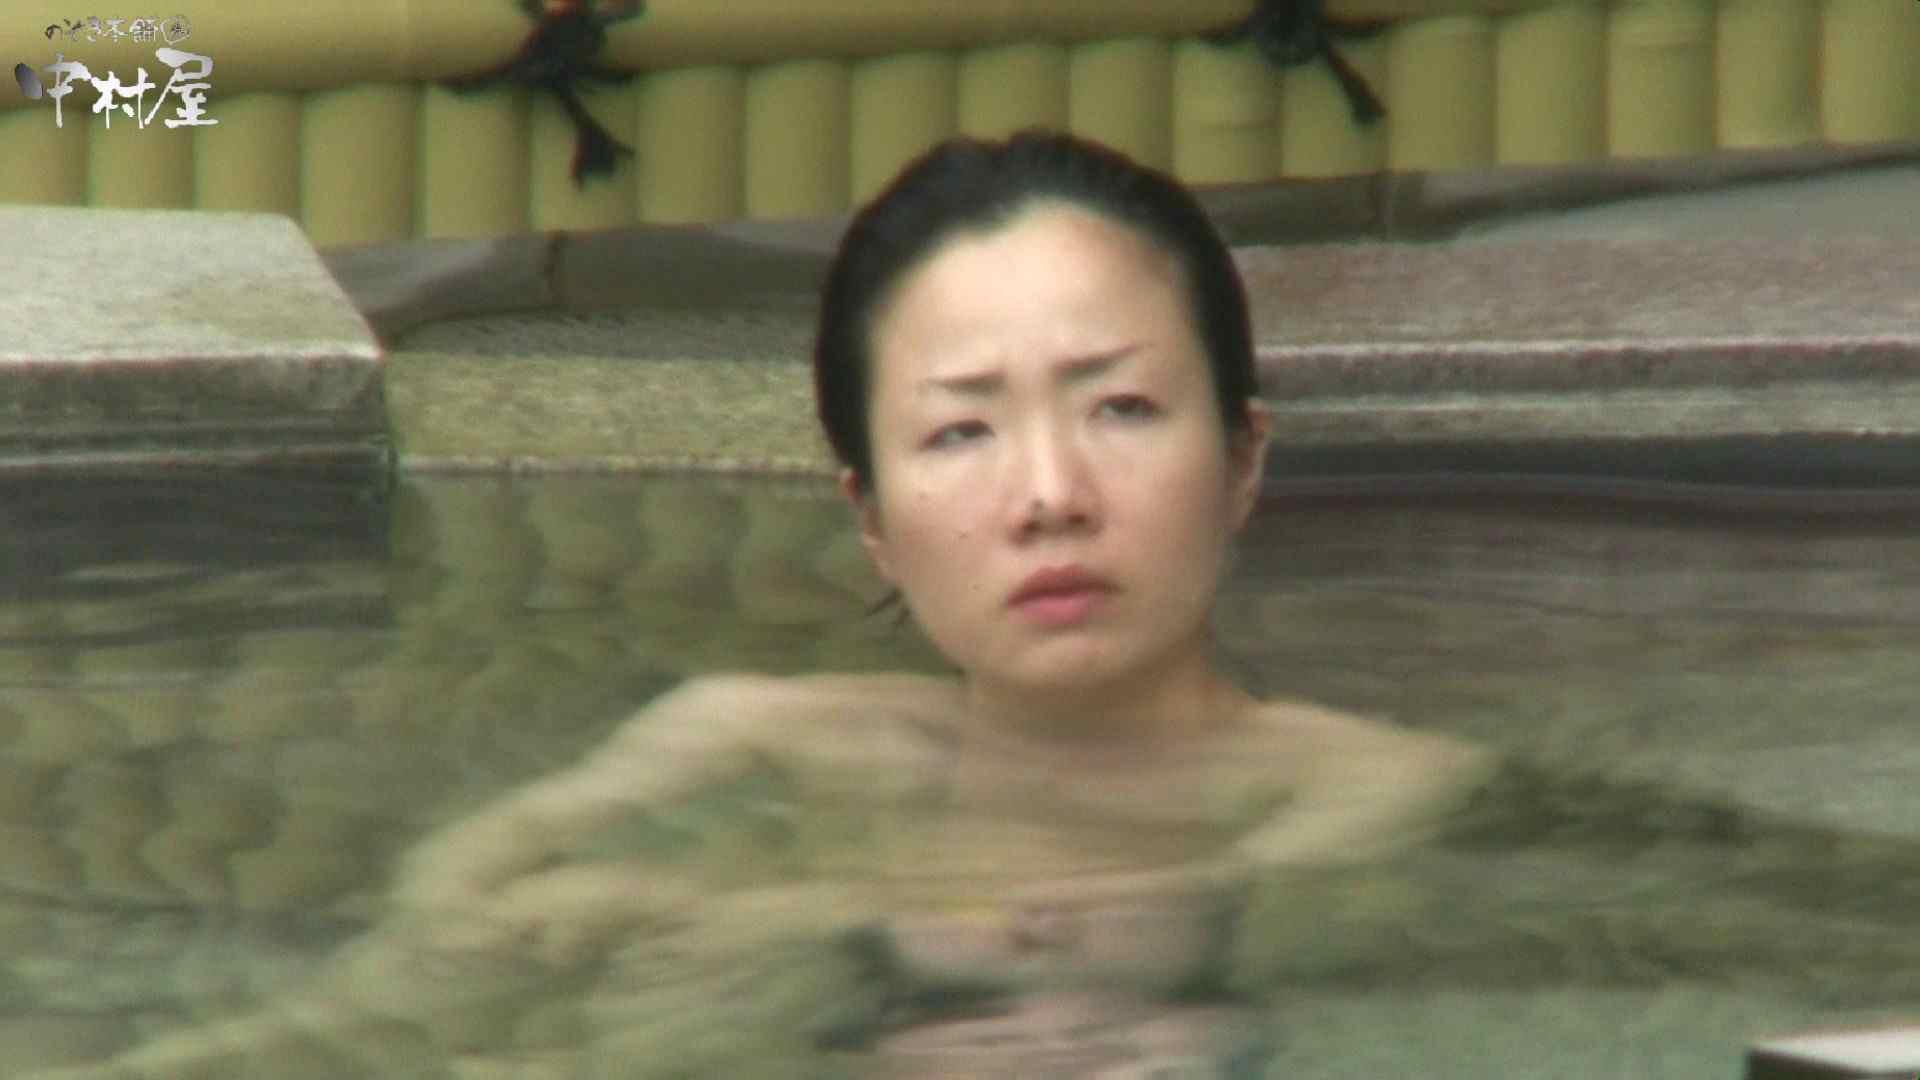 Aquaな露天風呂Vol.950 盗撮シリーズ  80PIX 4